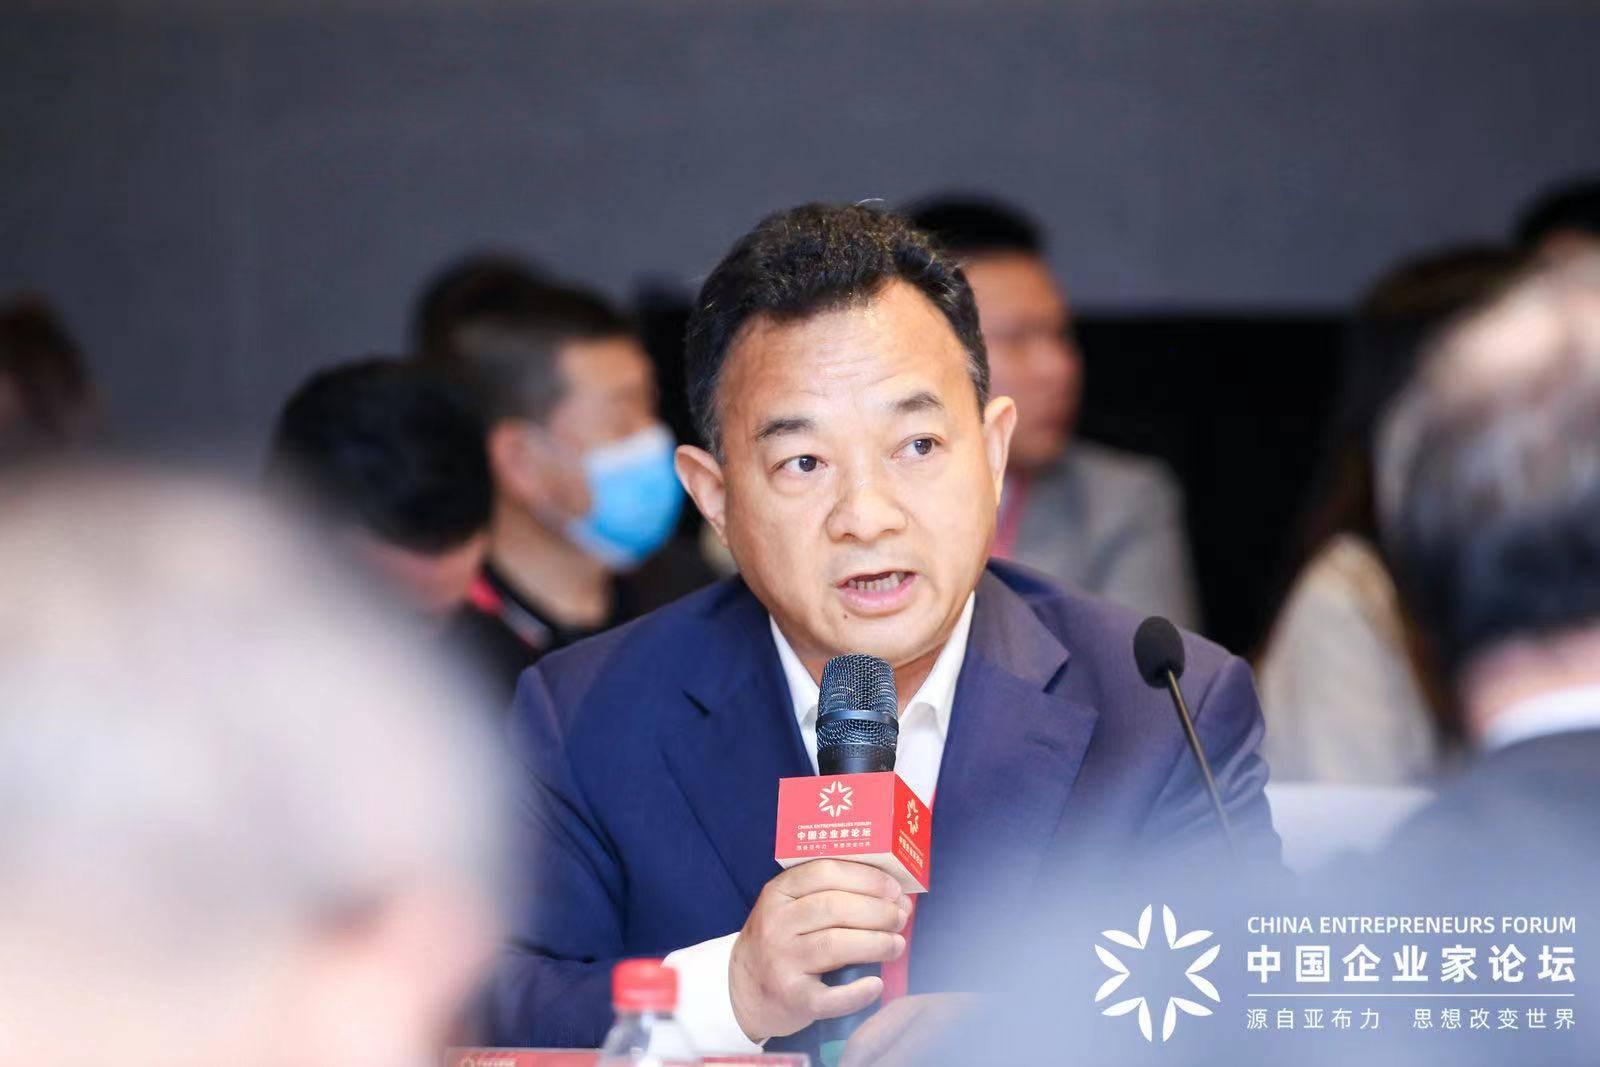 渤海银行董事长:八成企业的问题不是利润多少而是杠杆率能否下降